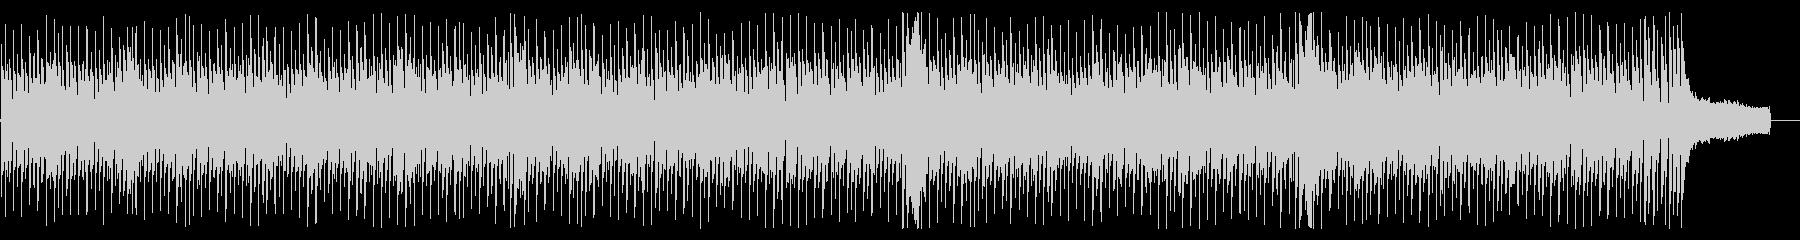 ブルース進行に則った電子音楽の未再生の波形